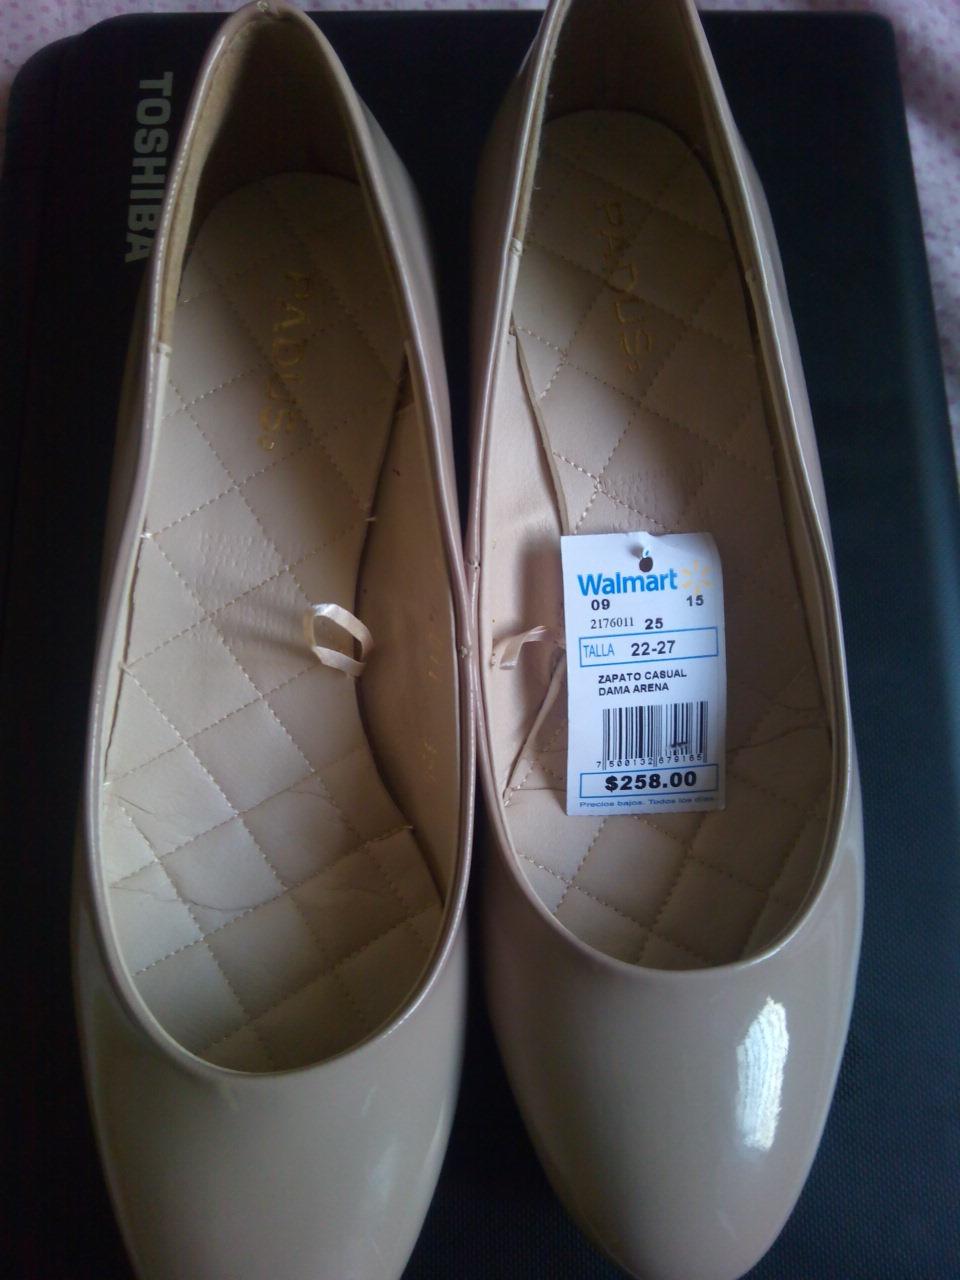 Walmart: Liquidación zapatos para dama desde $60.02